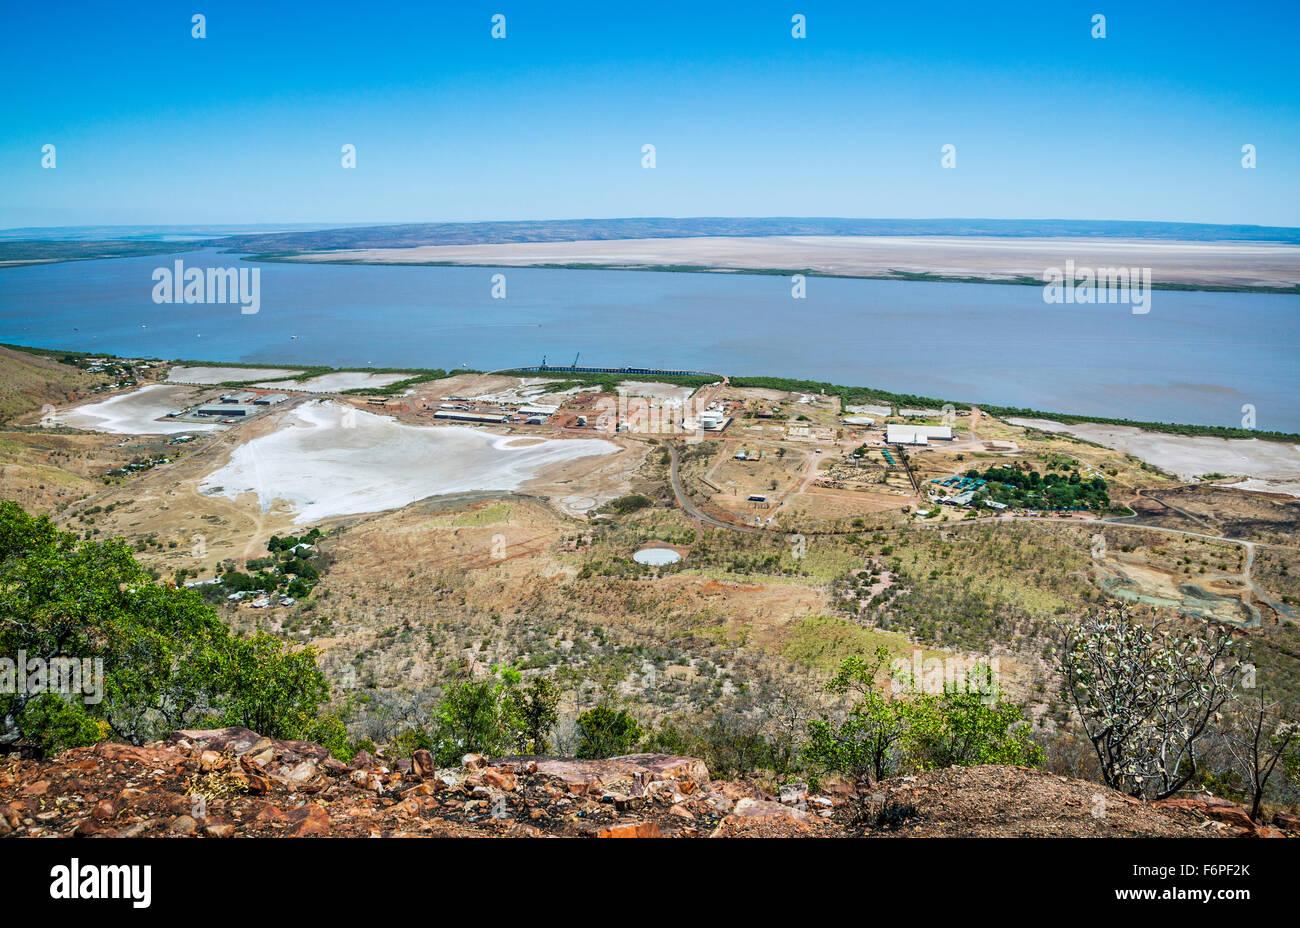 Australia, Western Australia, Kimberley Region, Wyndham, Cambridge Gulf, view of Wyndham Port from West Bastion - Stock Image